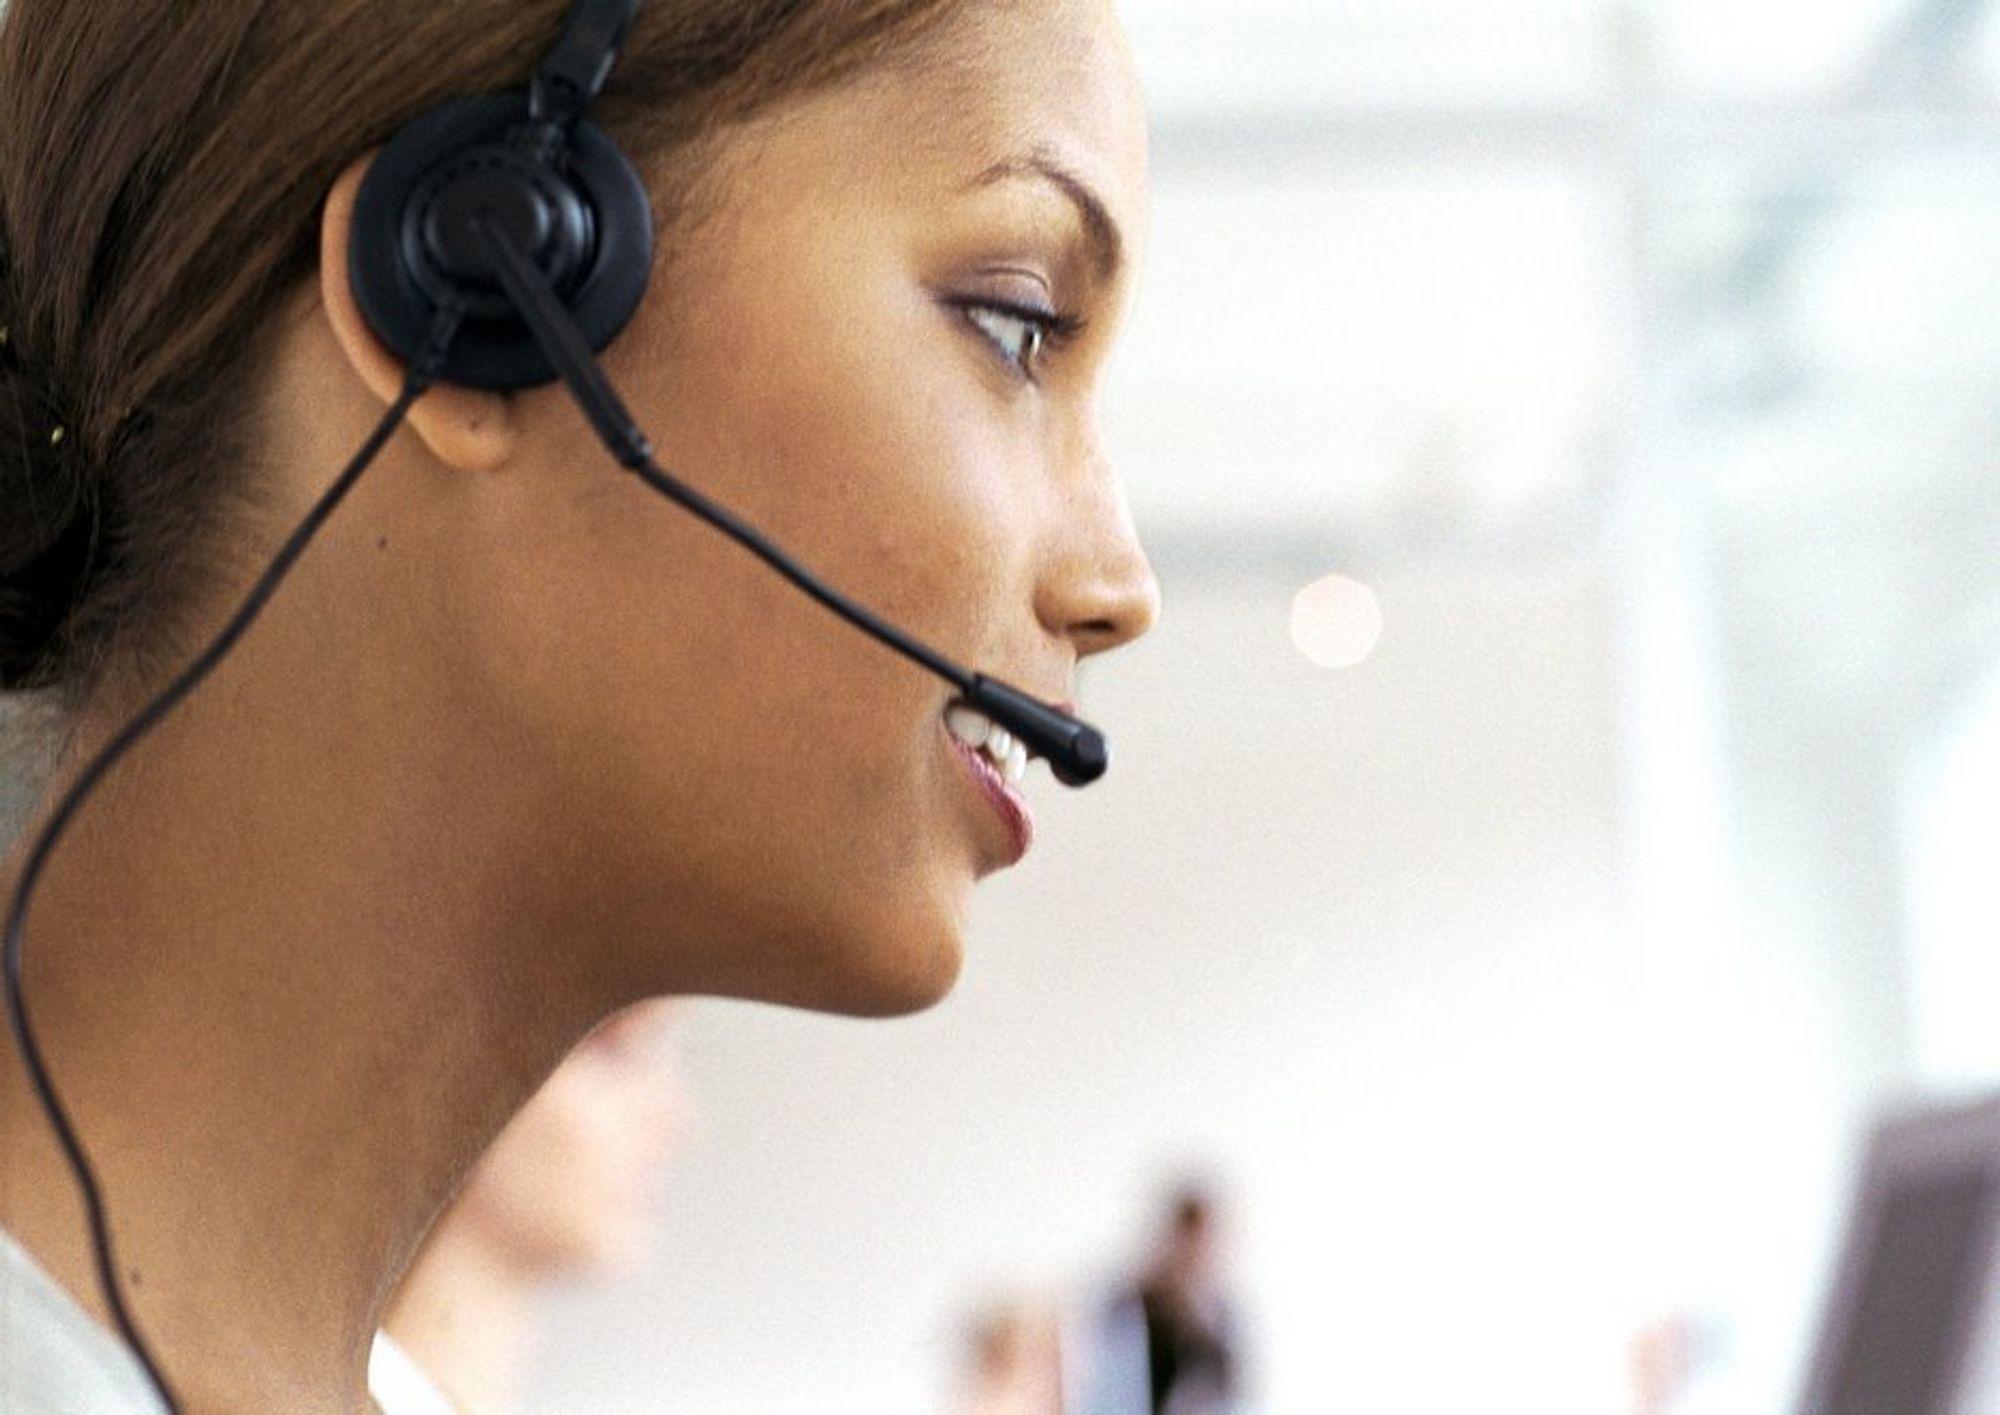 NYTT: Få holder ut i kundeservicejobber.